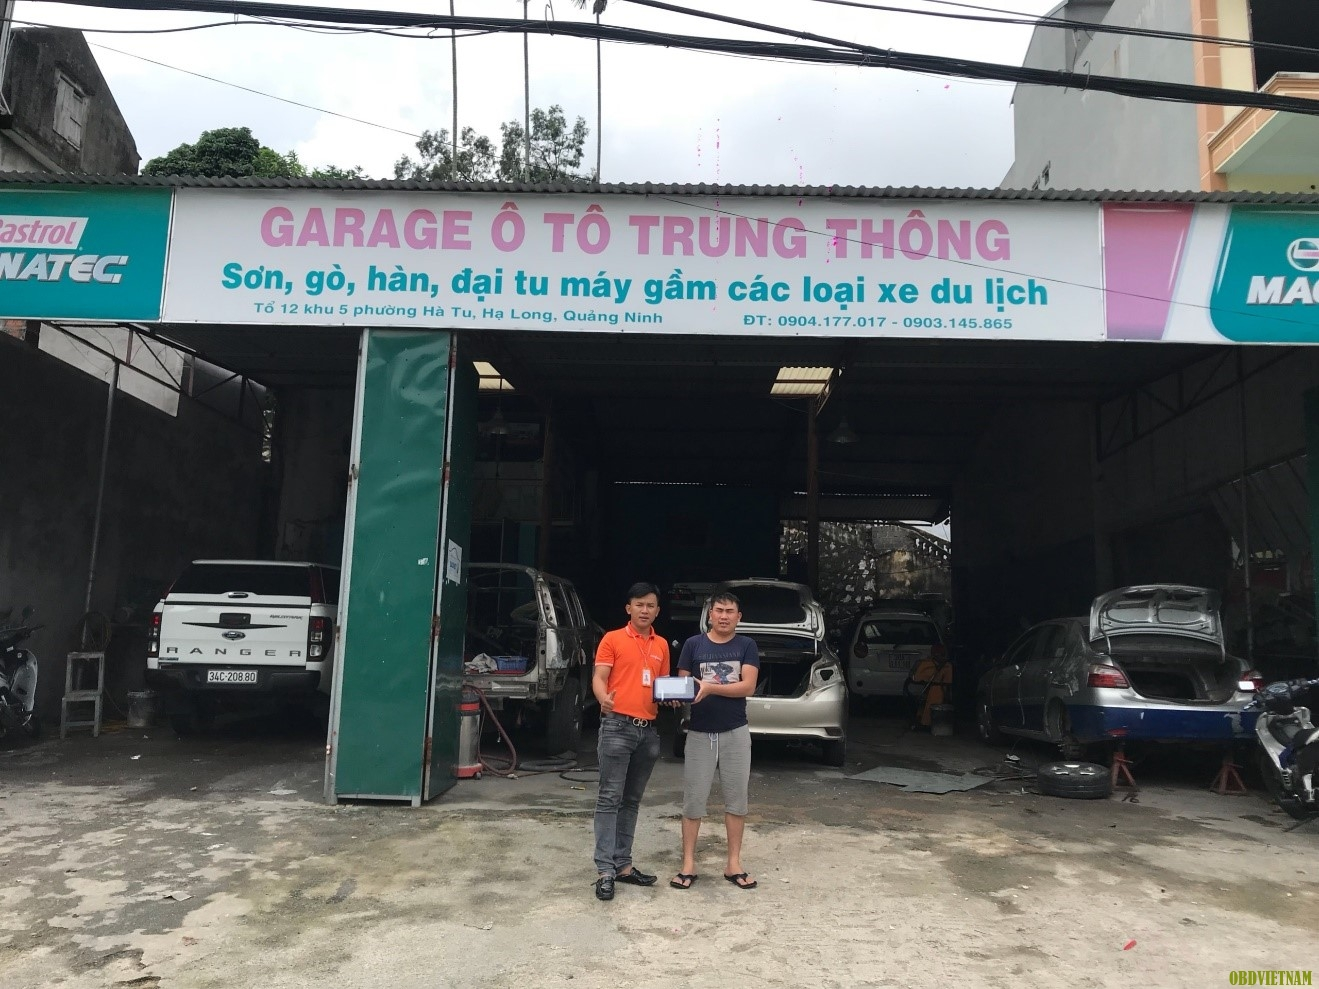 OBD Việt Nam Chuyển Giao Máy Chẩn Đoán Đa Năng G-scan 2 tại Quảng Ninh